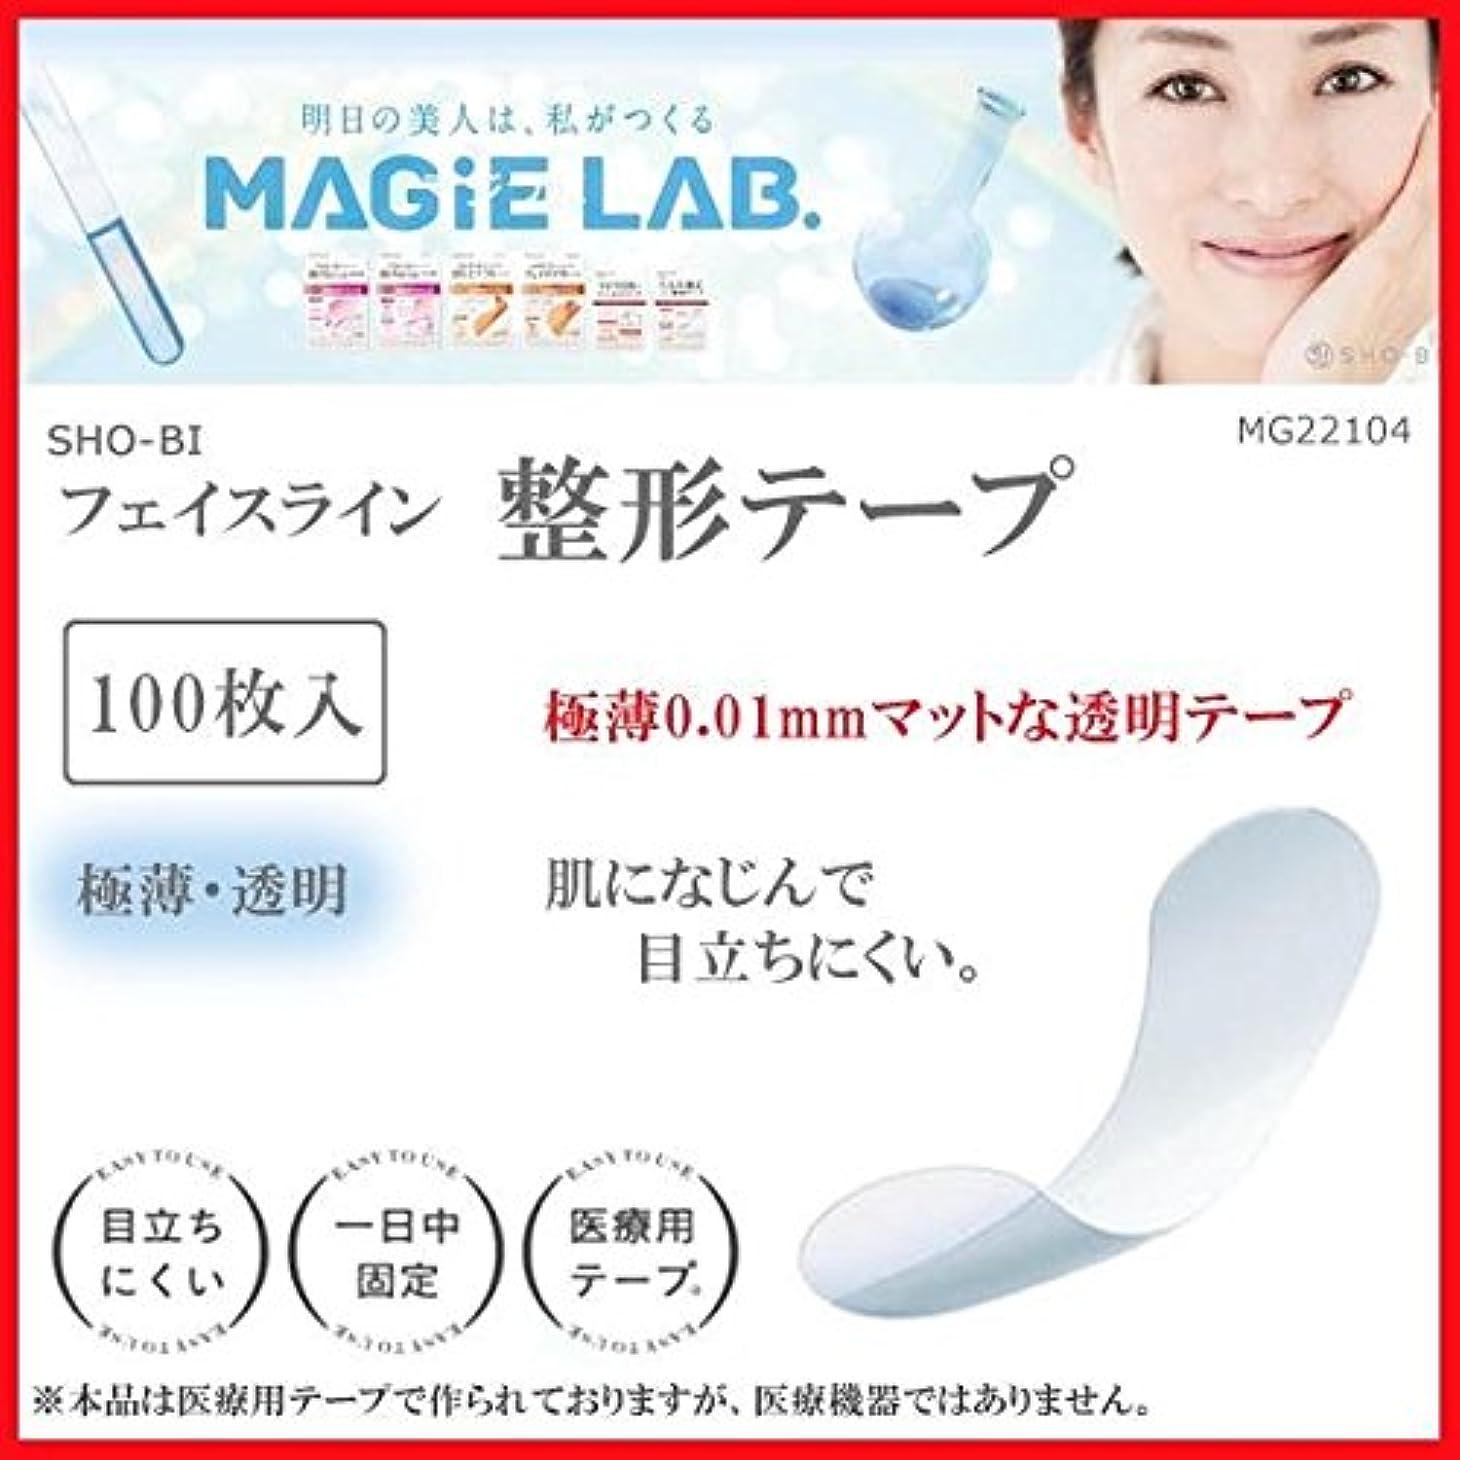 名前を作るまた明日ね唯一SHO-BI MAGiE LAB.(マジラボ) フェイスライン整形テープ 100枚入 MG22104